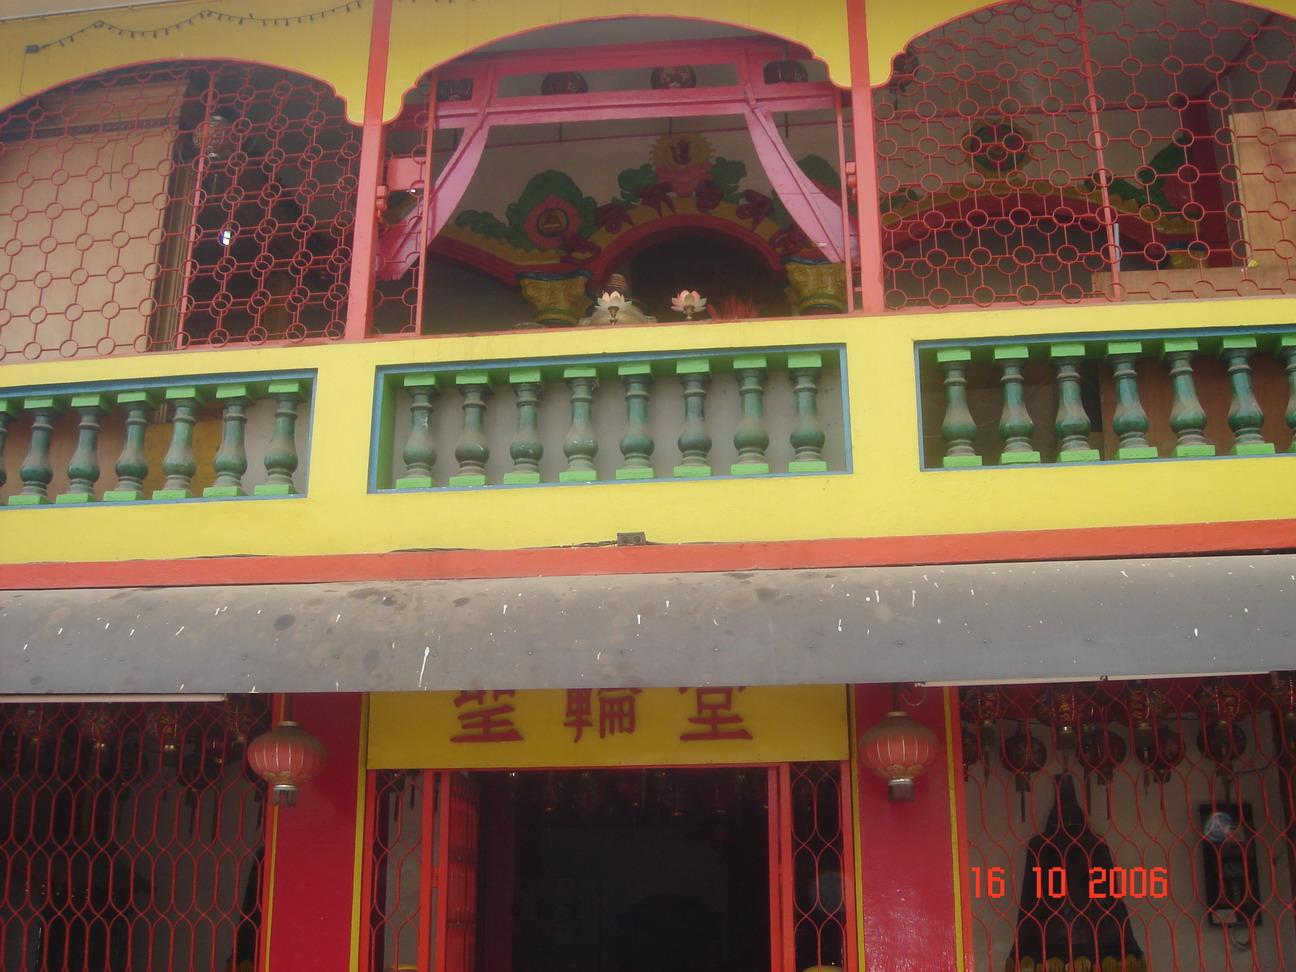 Vihara lama yg sekarang di jadikan office Vihara Vajra Bhumi Sriwijaya